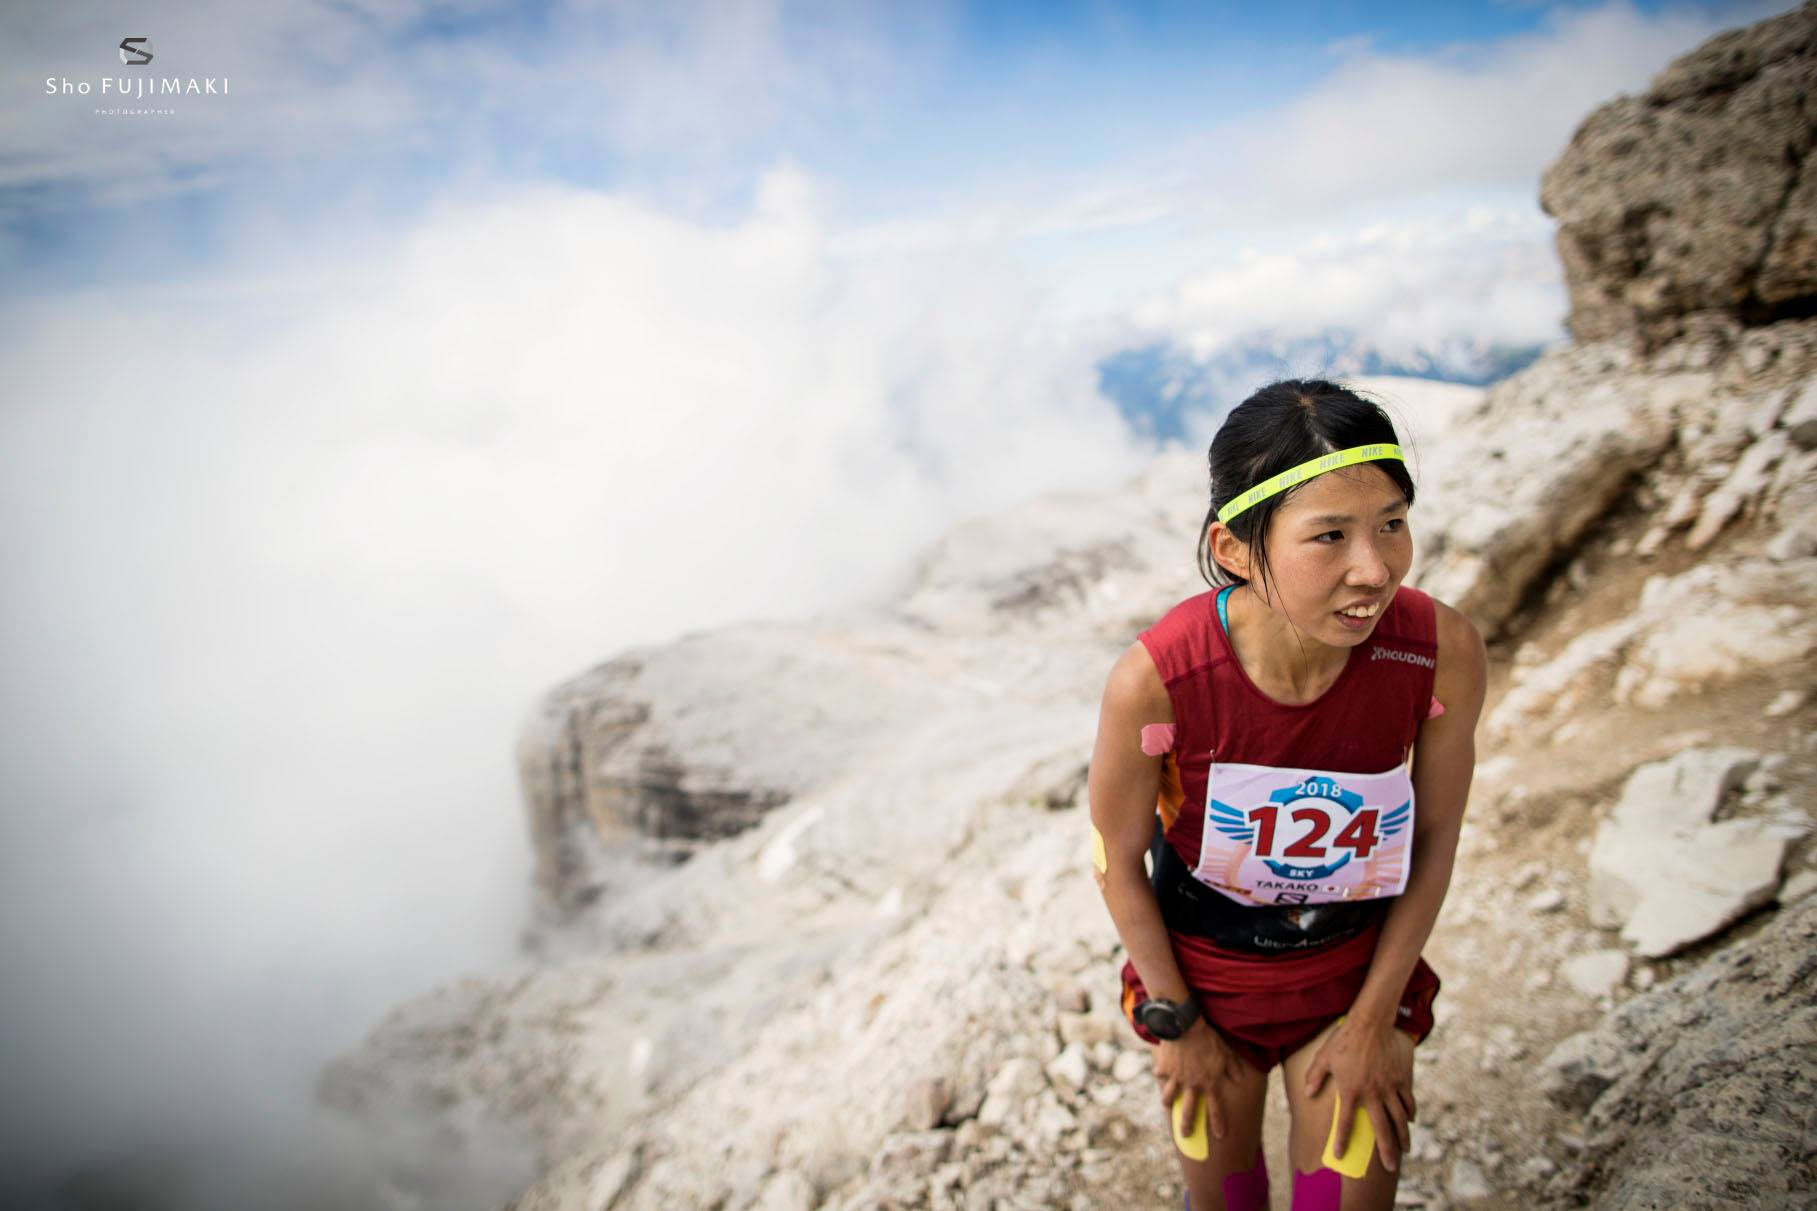 先週末のドロミテスカイレースでは全く実力を出せなかった ©Sho Fujimaki